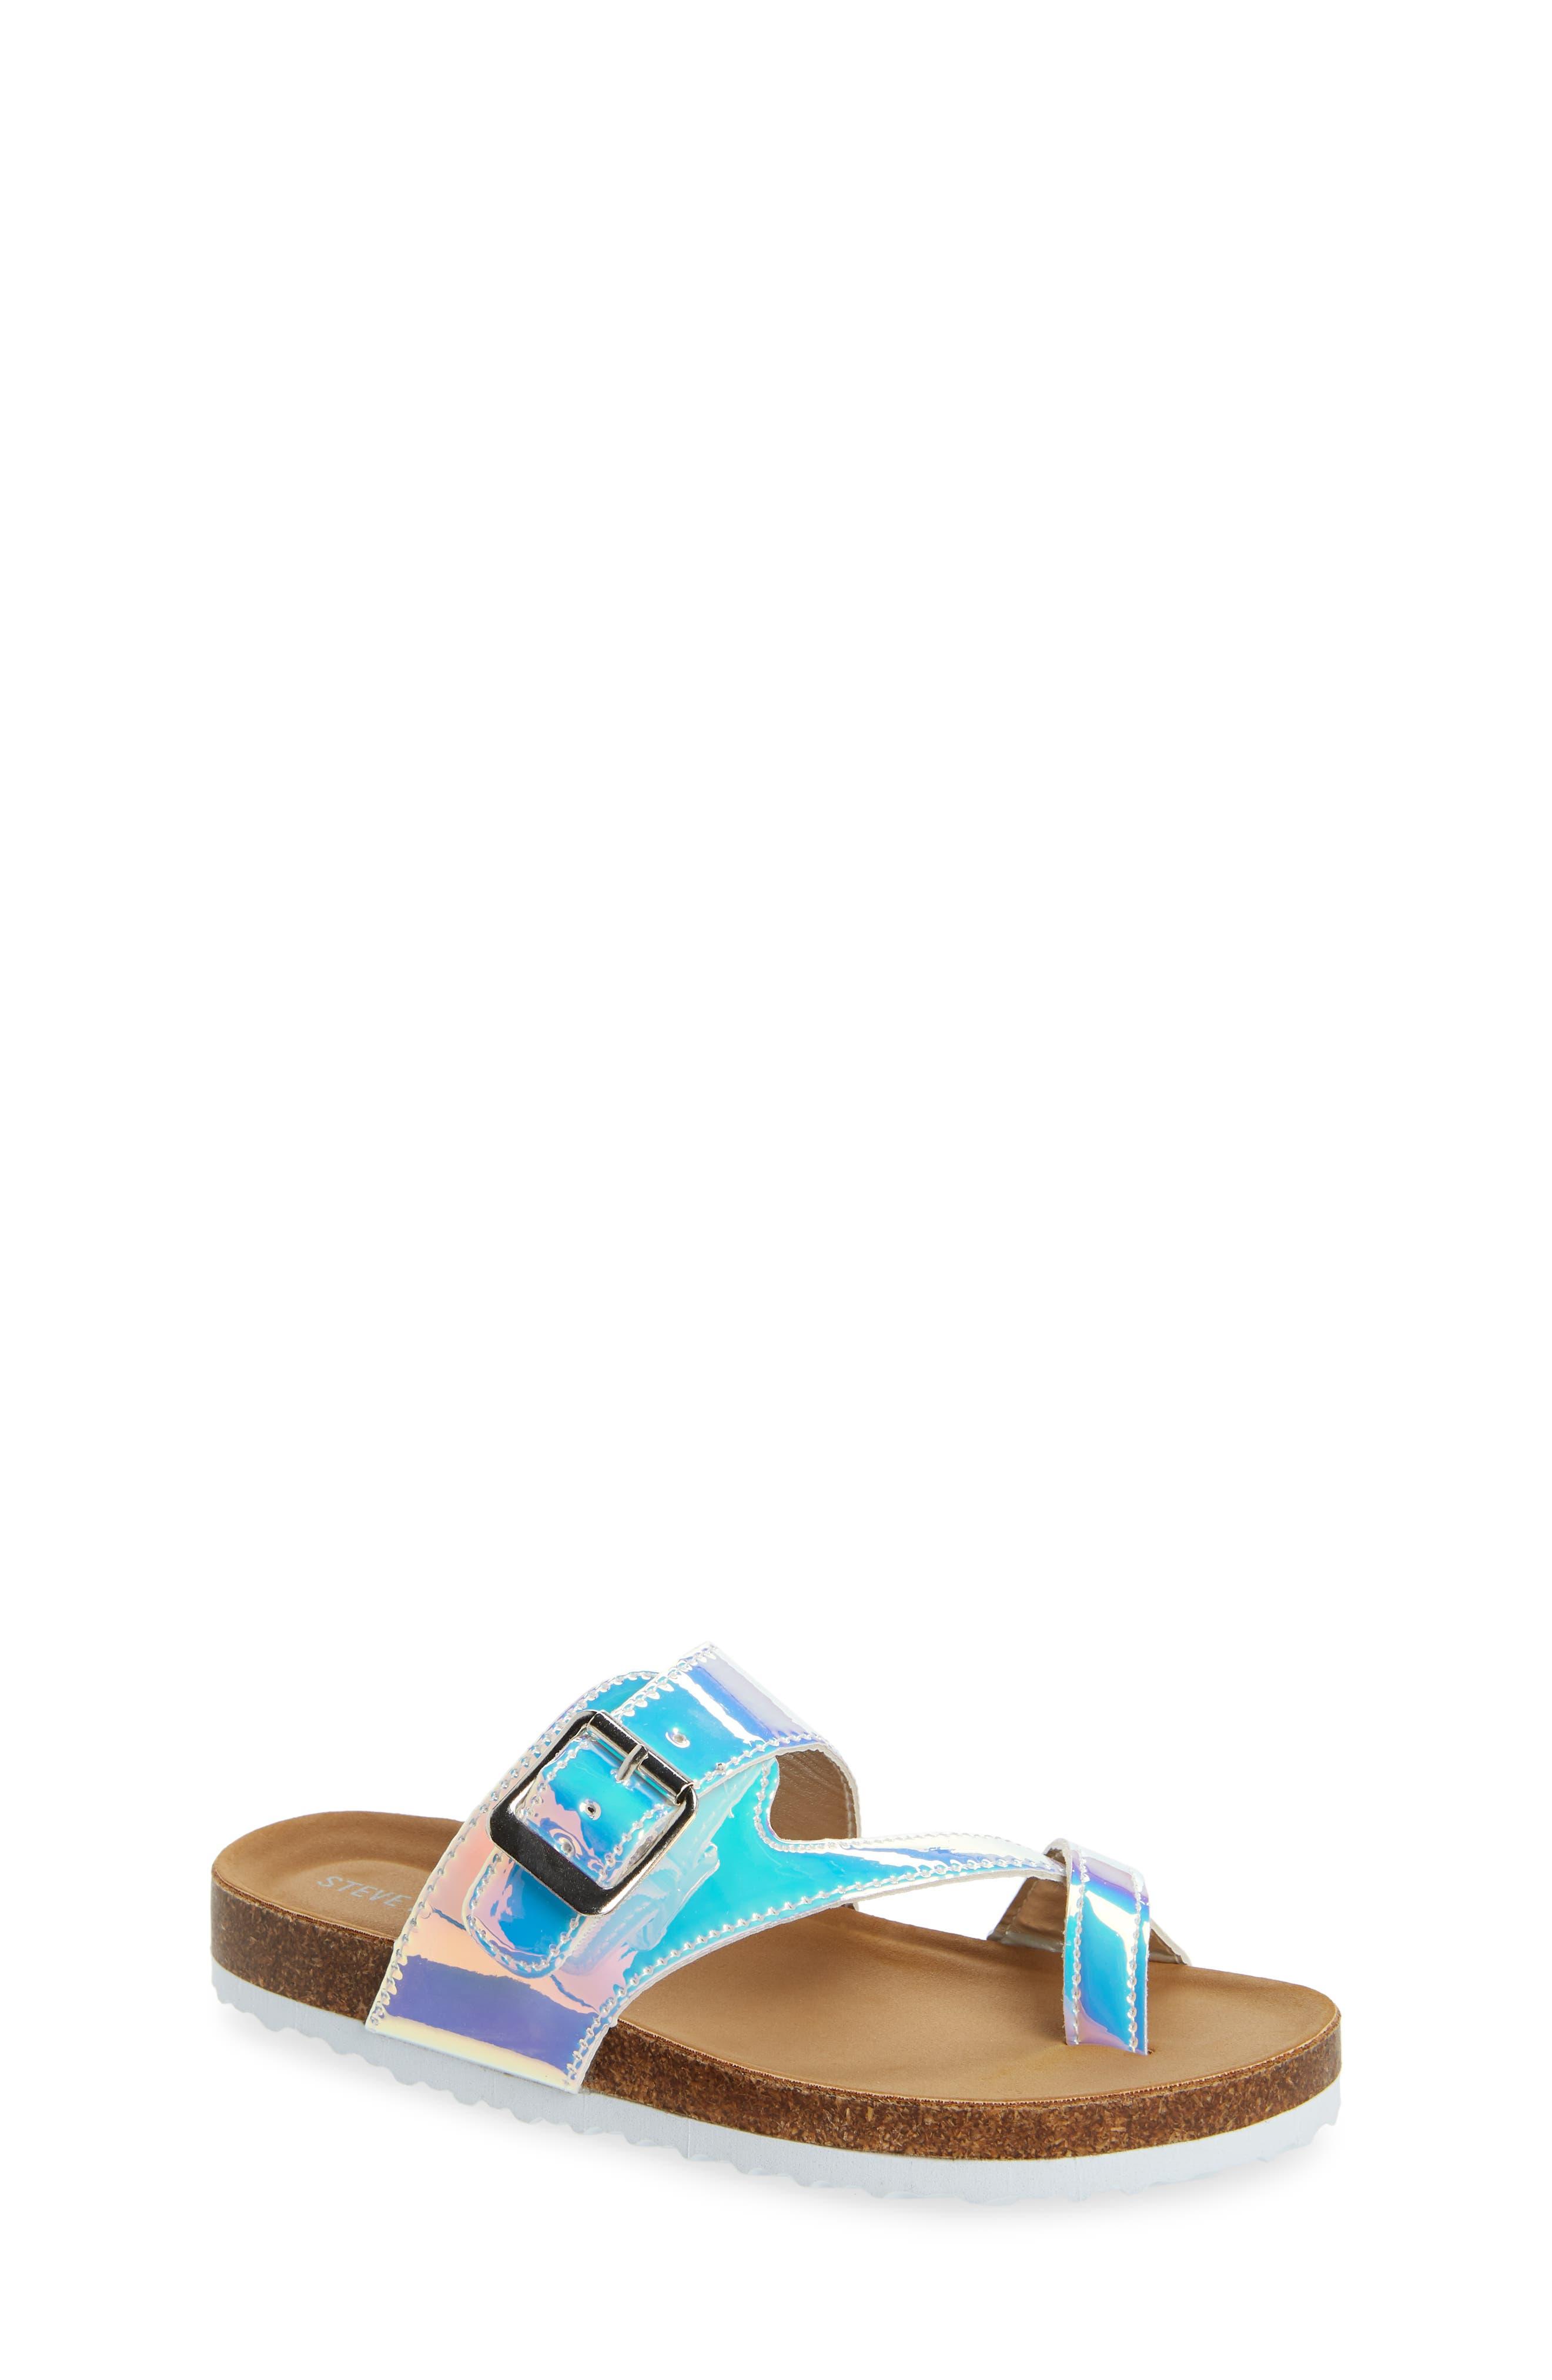 STEVE MADDEN JWaive Sandal, Main, color, IRIDESCENT